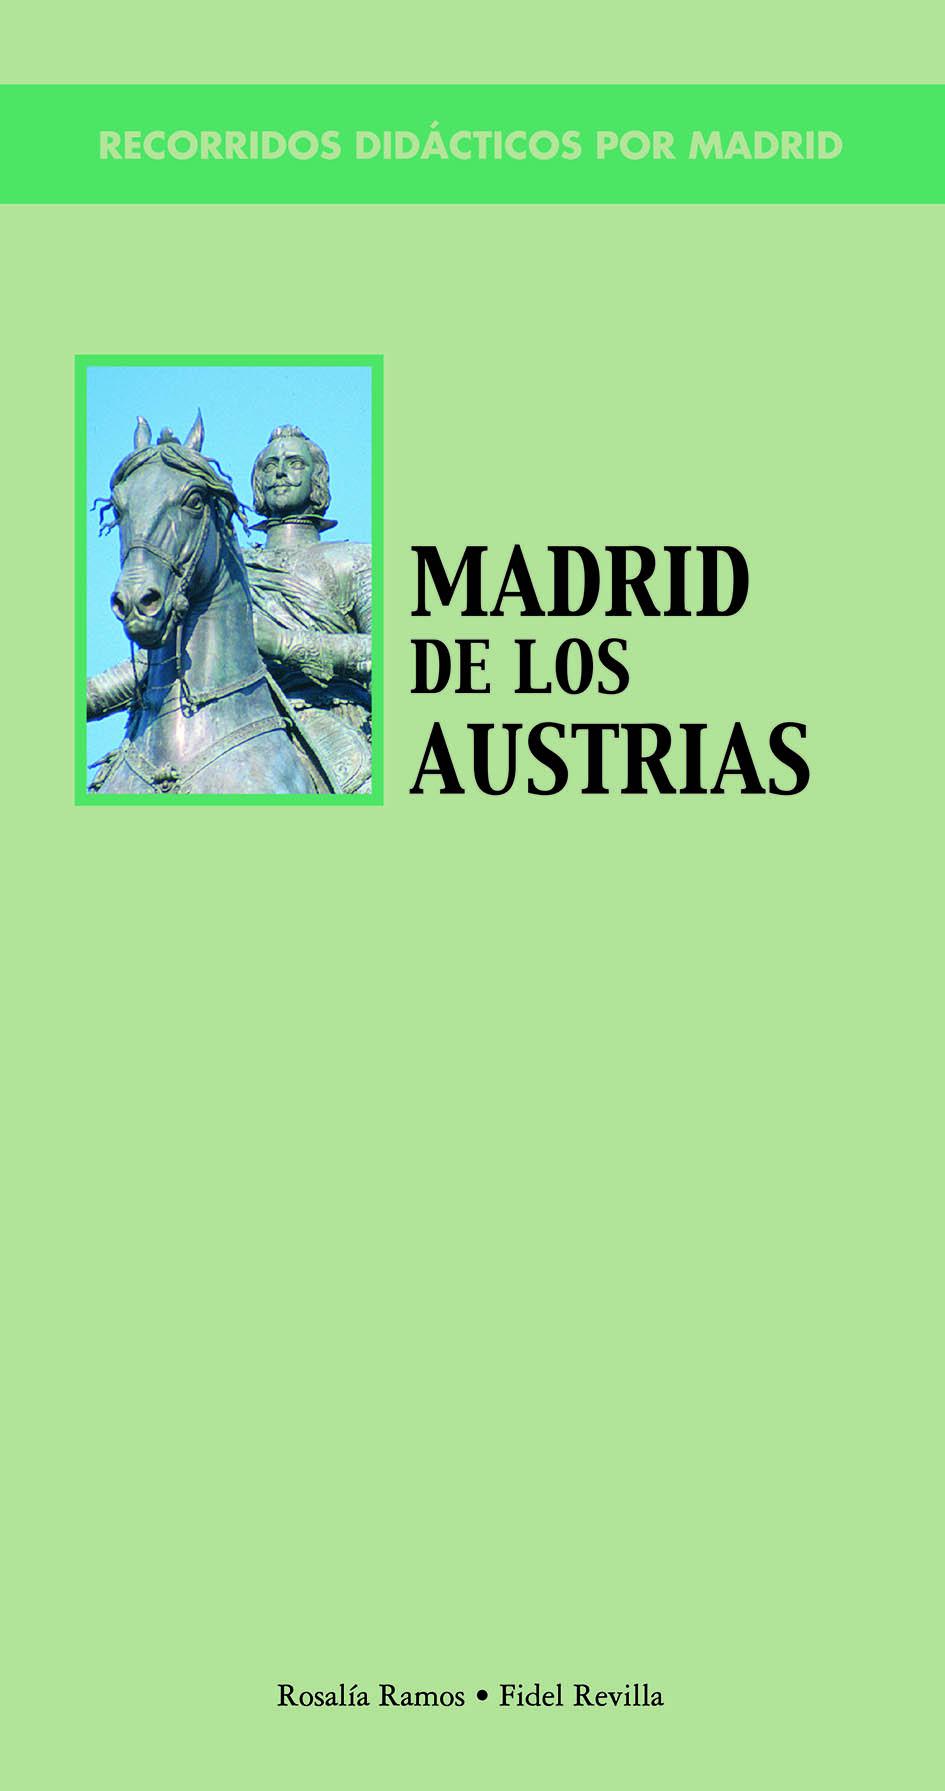 Recomendamos…Recorridos didácticos por el Madrid de los Austrias